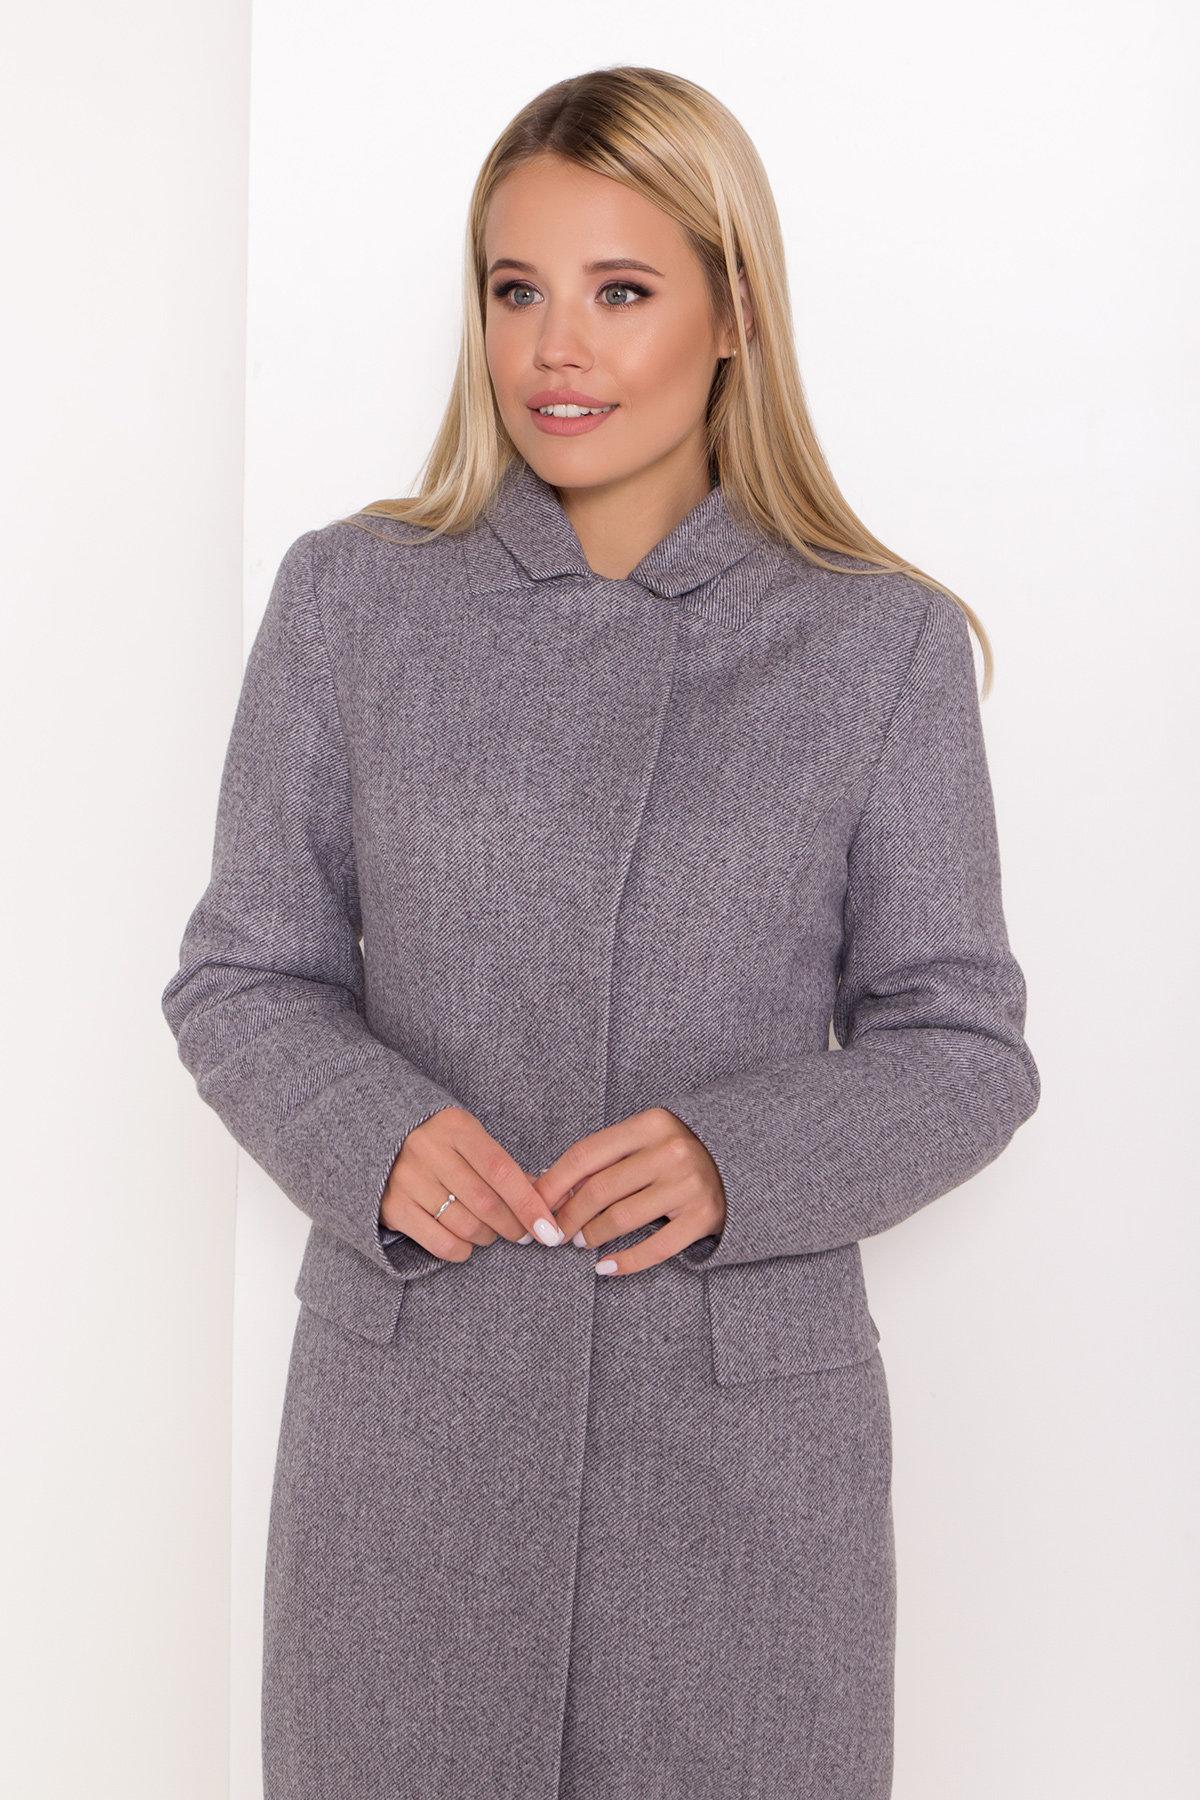 Полуприталенное зимнее пальто с отложным воротником Лабио 8182 АРТ. 44189 Цвет: Серый 2 - фото 10, интернет магазин tm-modus.ru